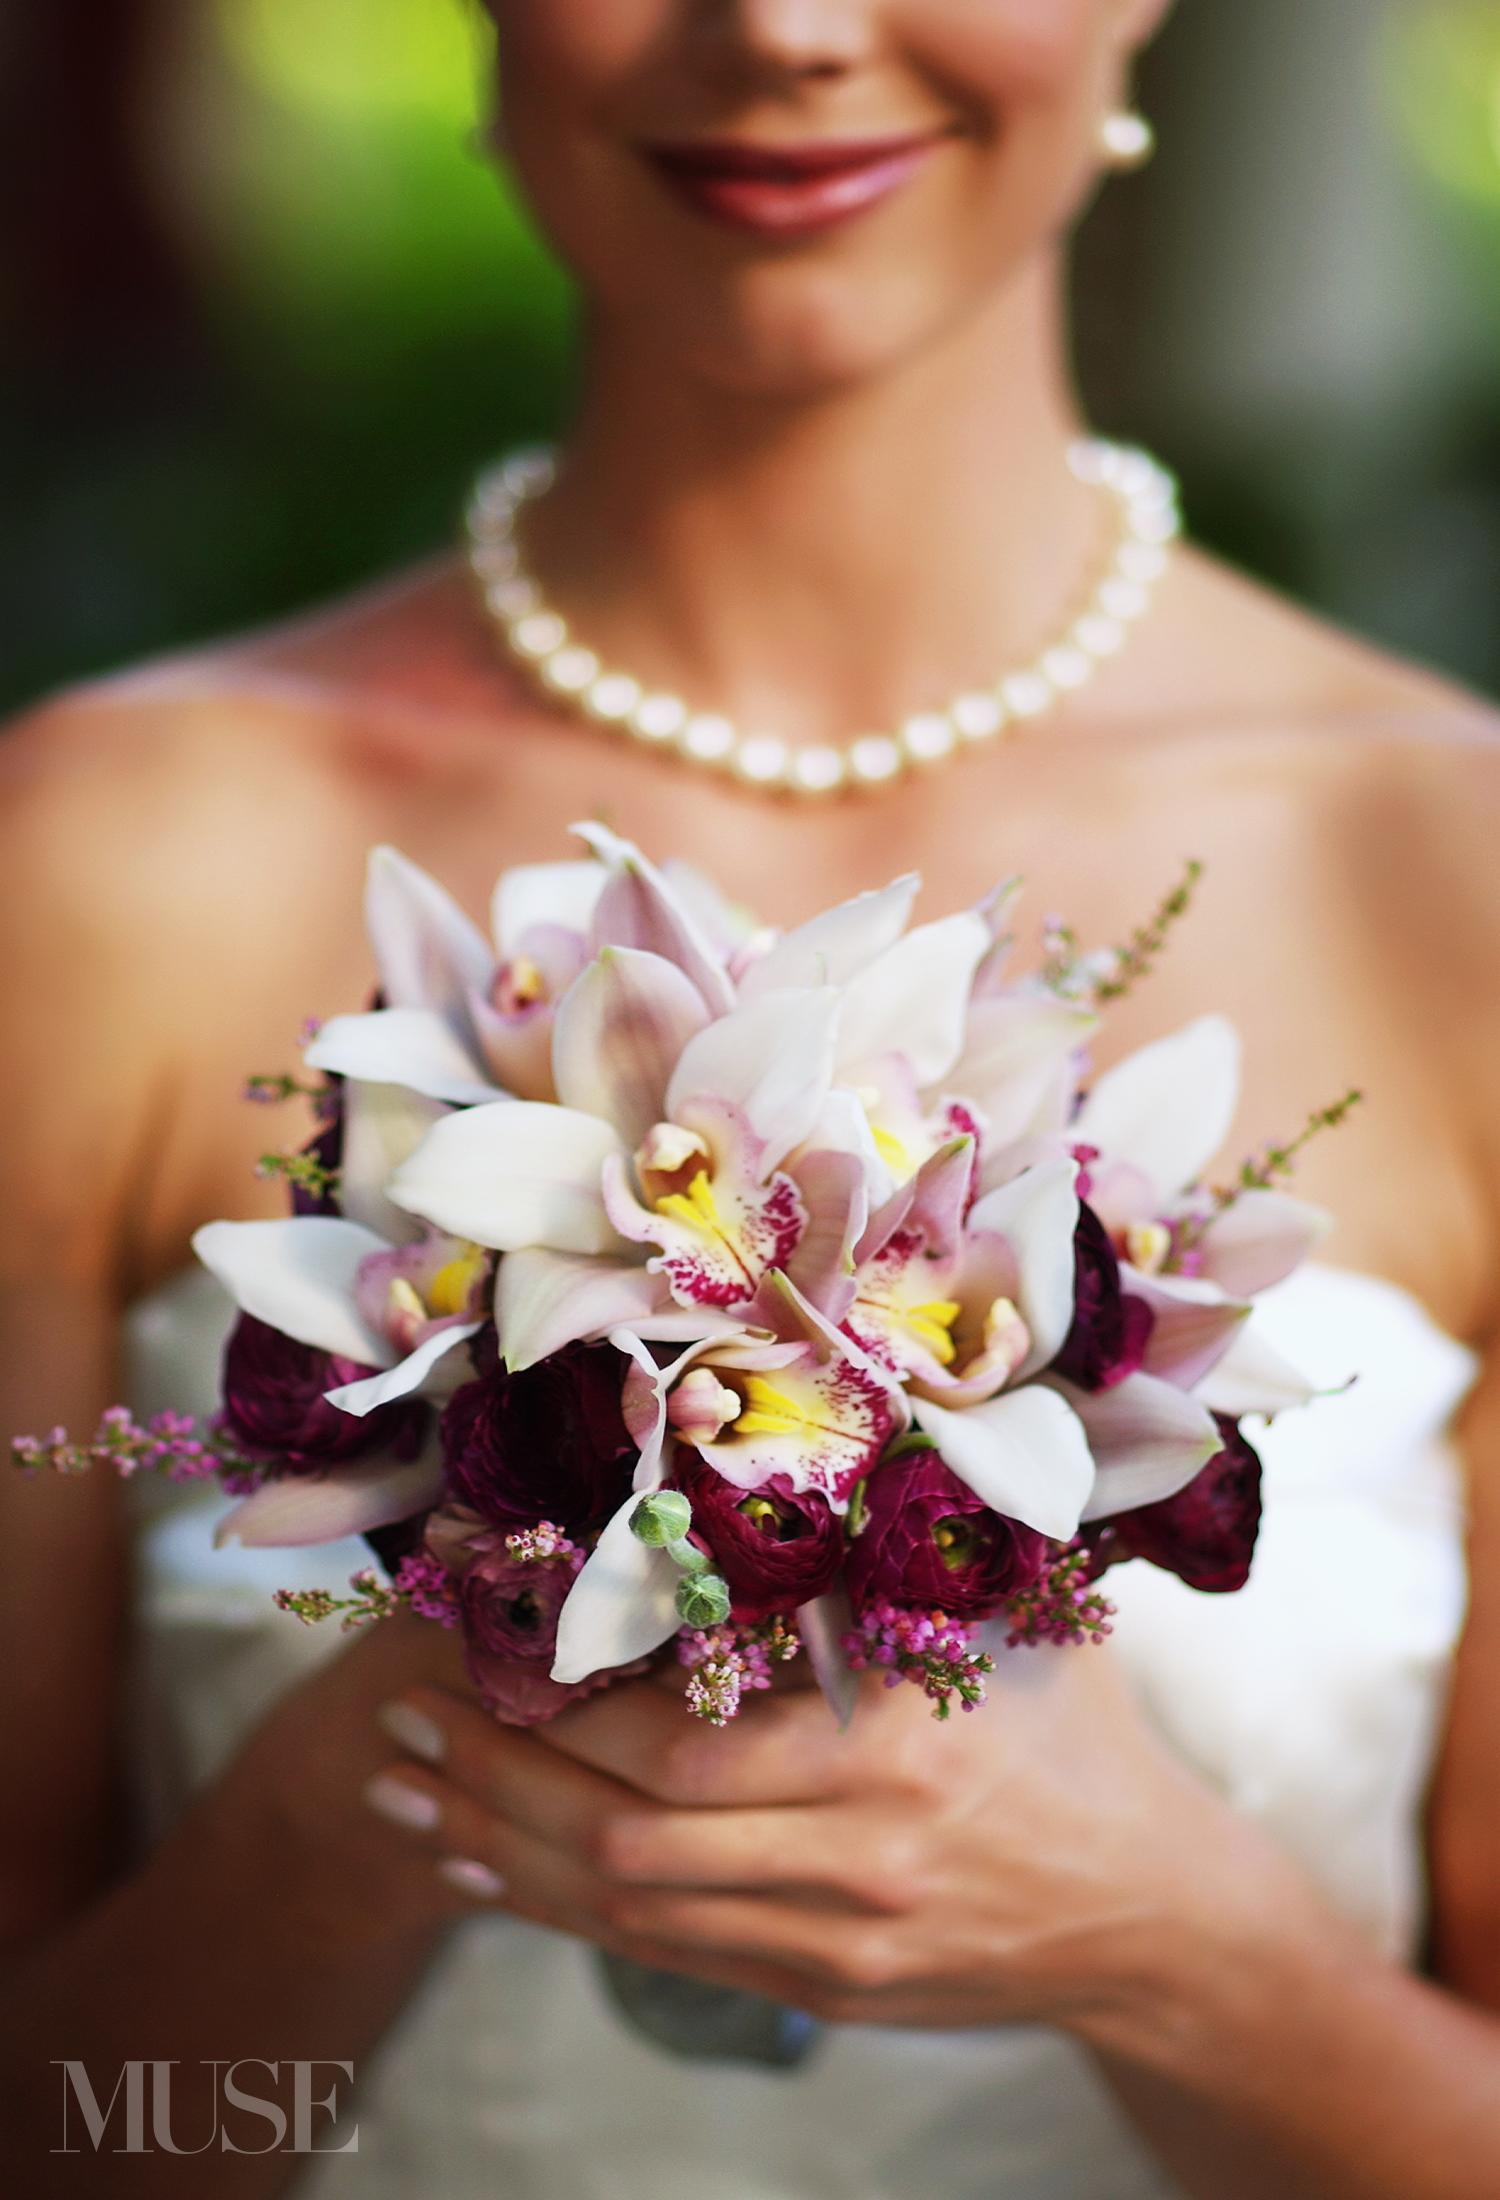 MUSE Bride - Wedding Floral Editorial